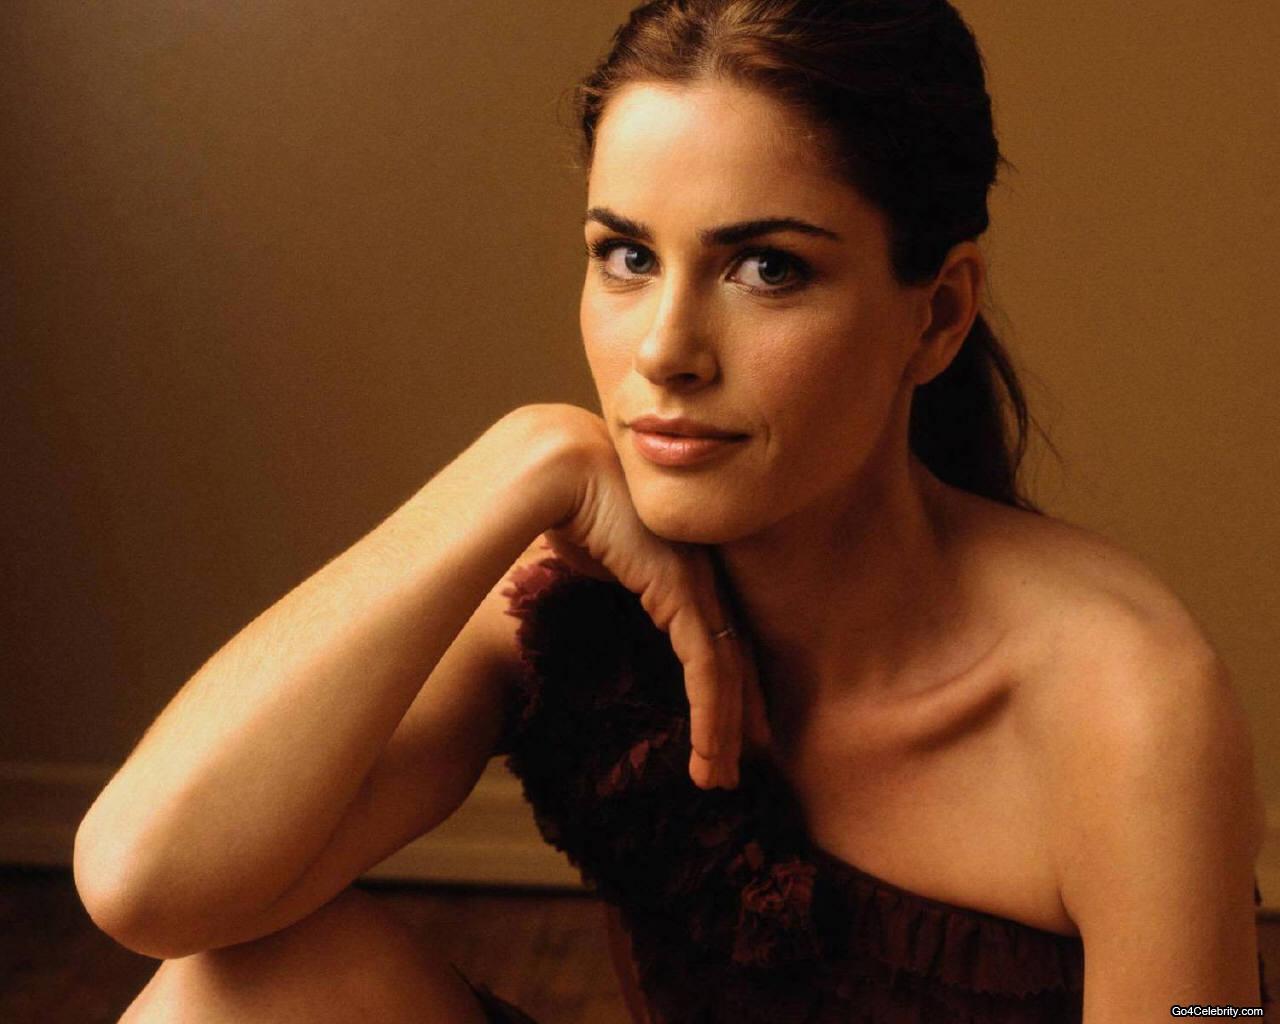 http://1.bp.blogspot.com/-KIOFFeJh41U/TbTpQMHr22I/AAAAAAAAAak/K0b8kGAhgxU/s1600/Amanda-Peet-007.jpg